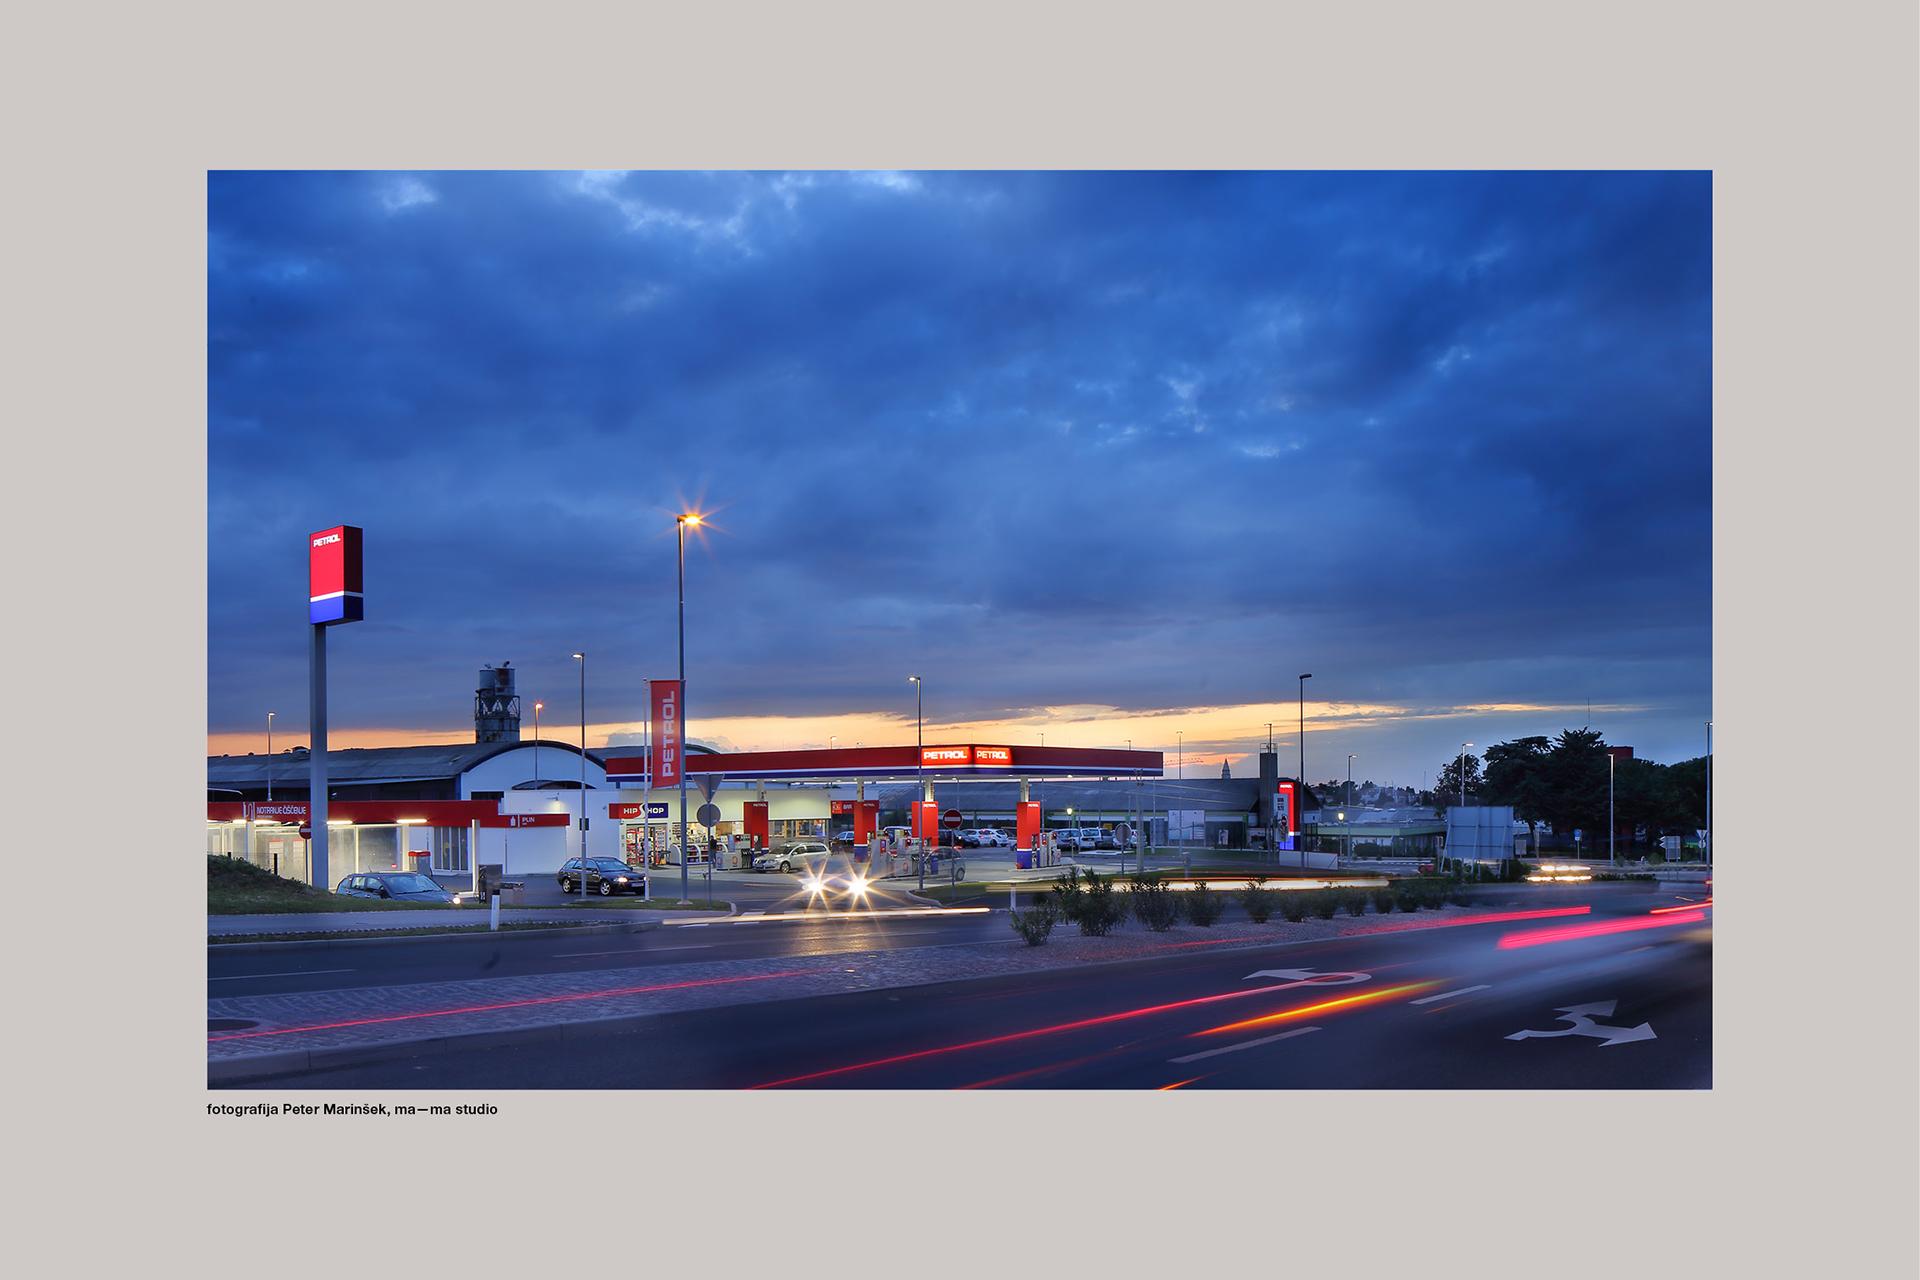 petrol_peter_marinsek_ma-ma_marinsek2